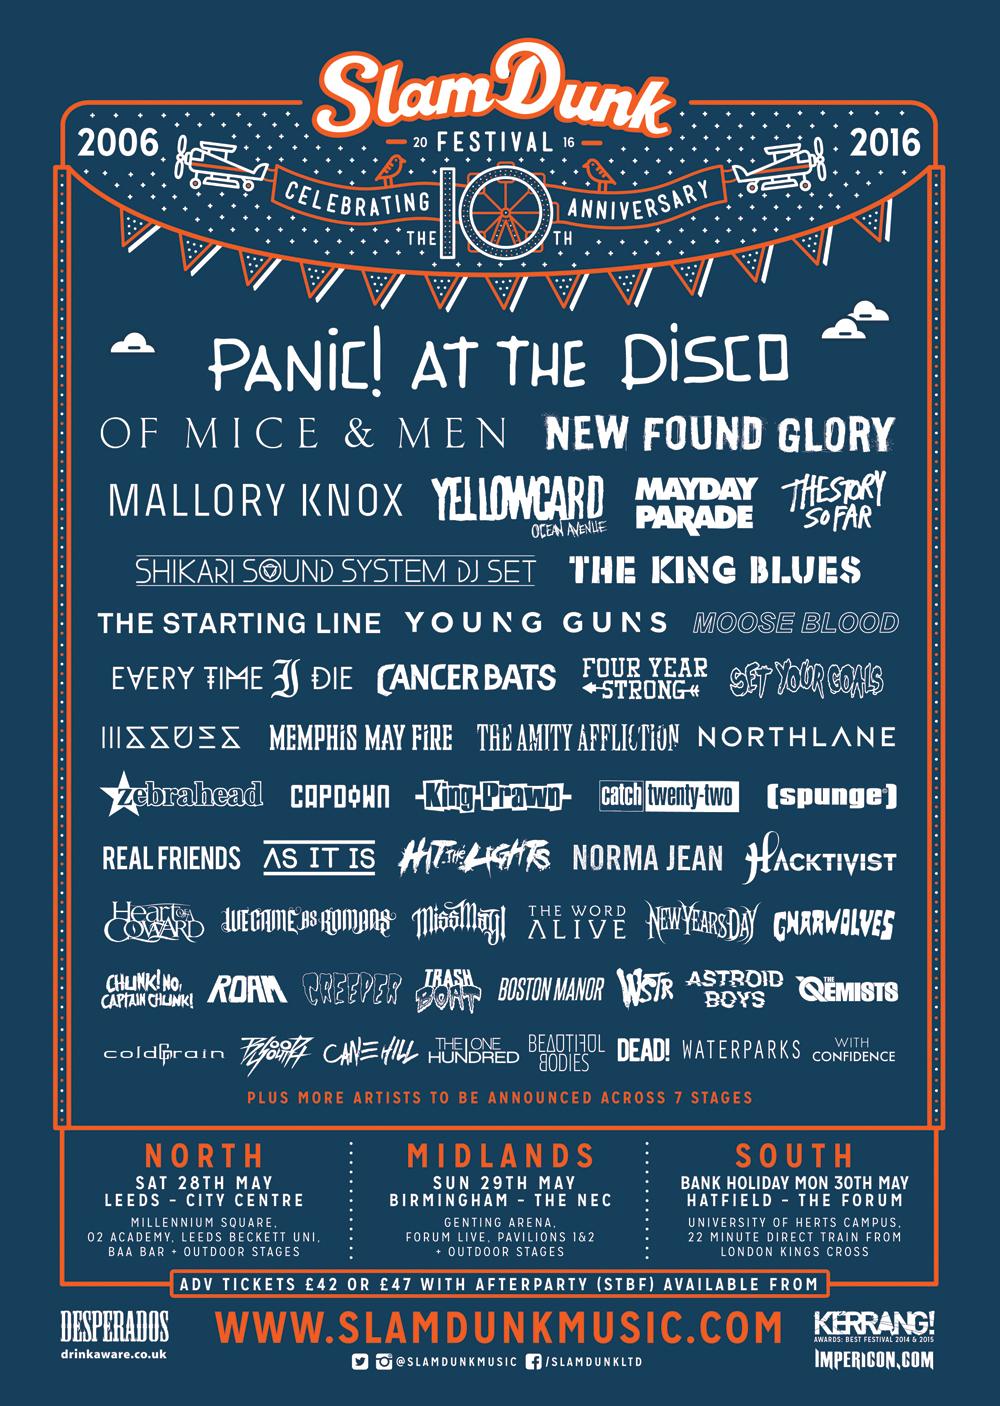 slam dunk festival 2016